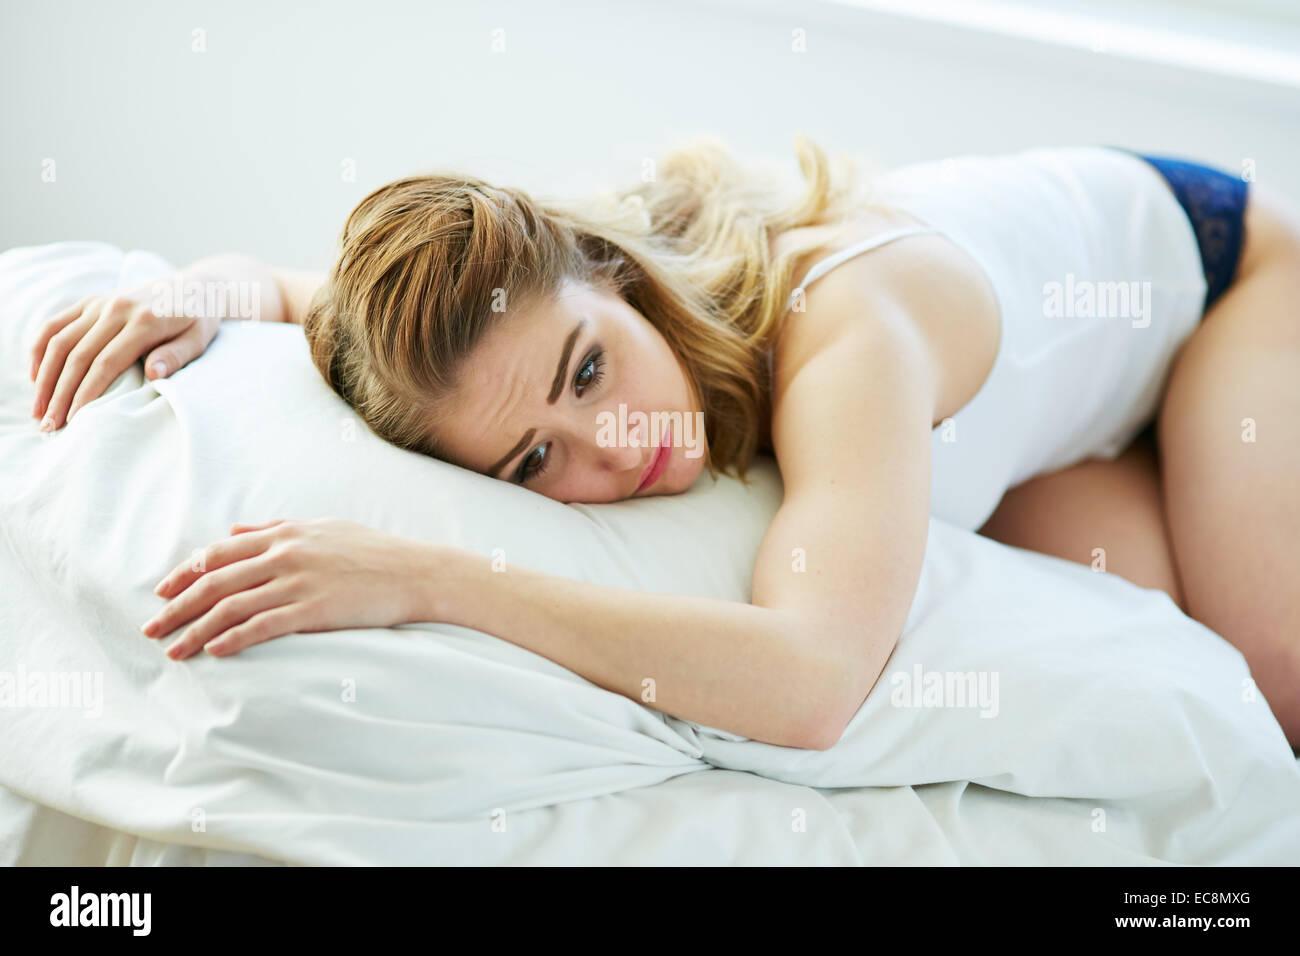 Aufgeregt Mädchen auf Bett liegend Stockbild